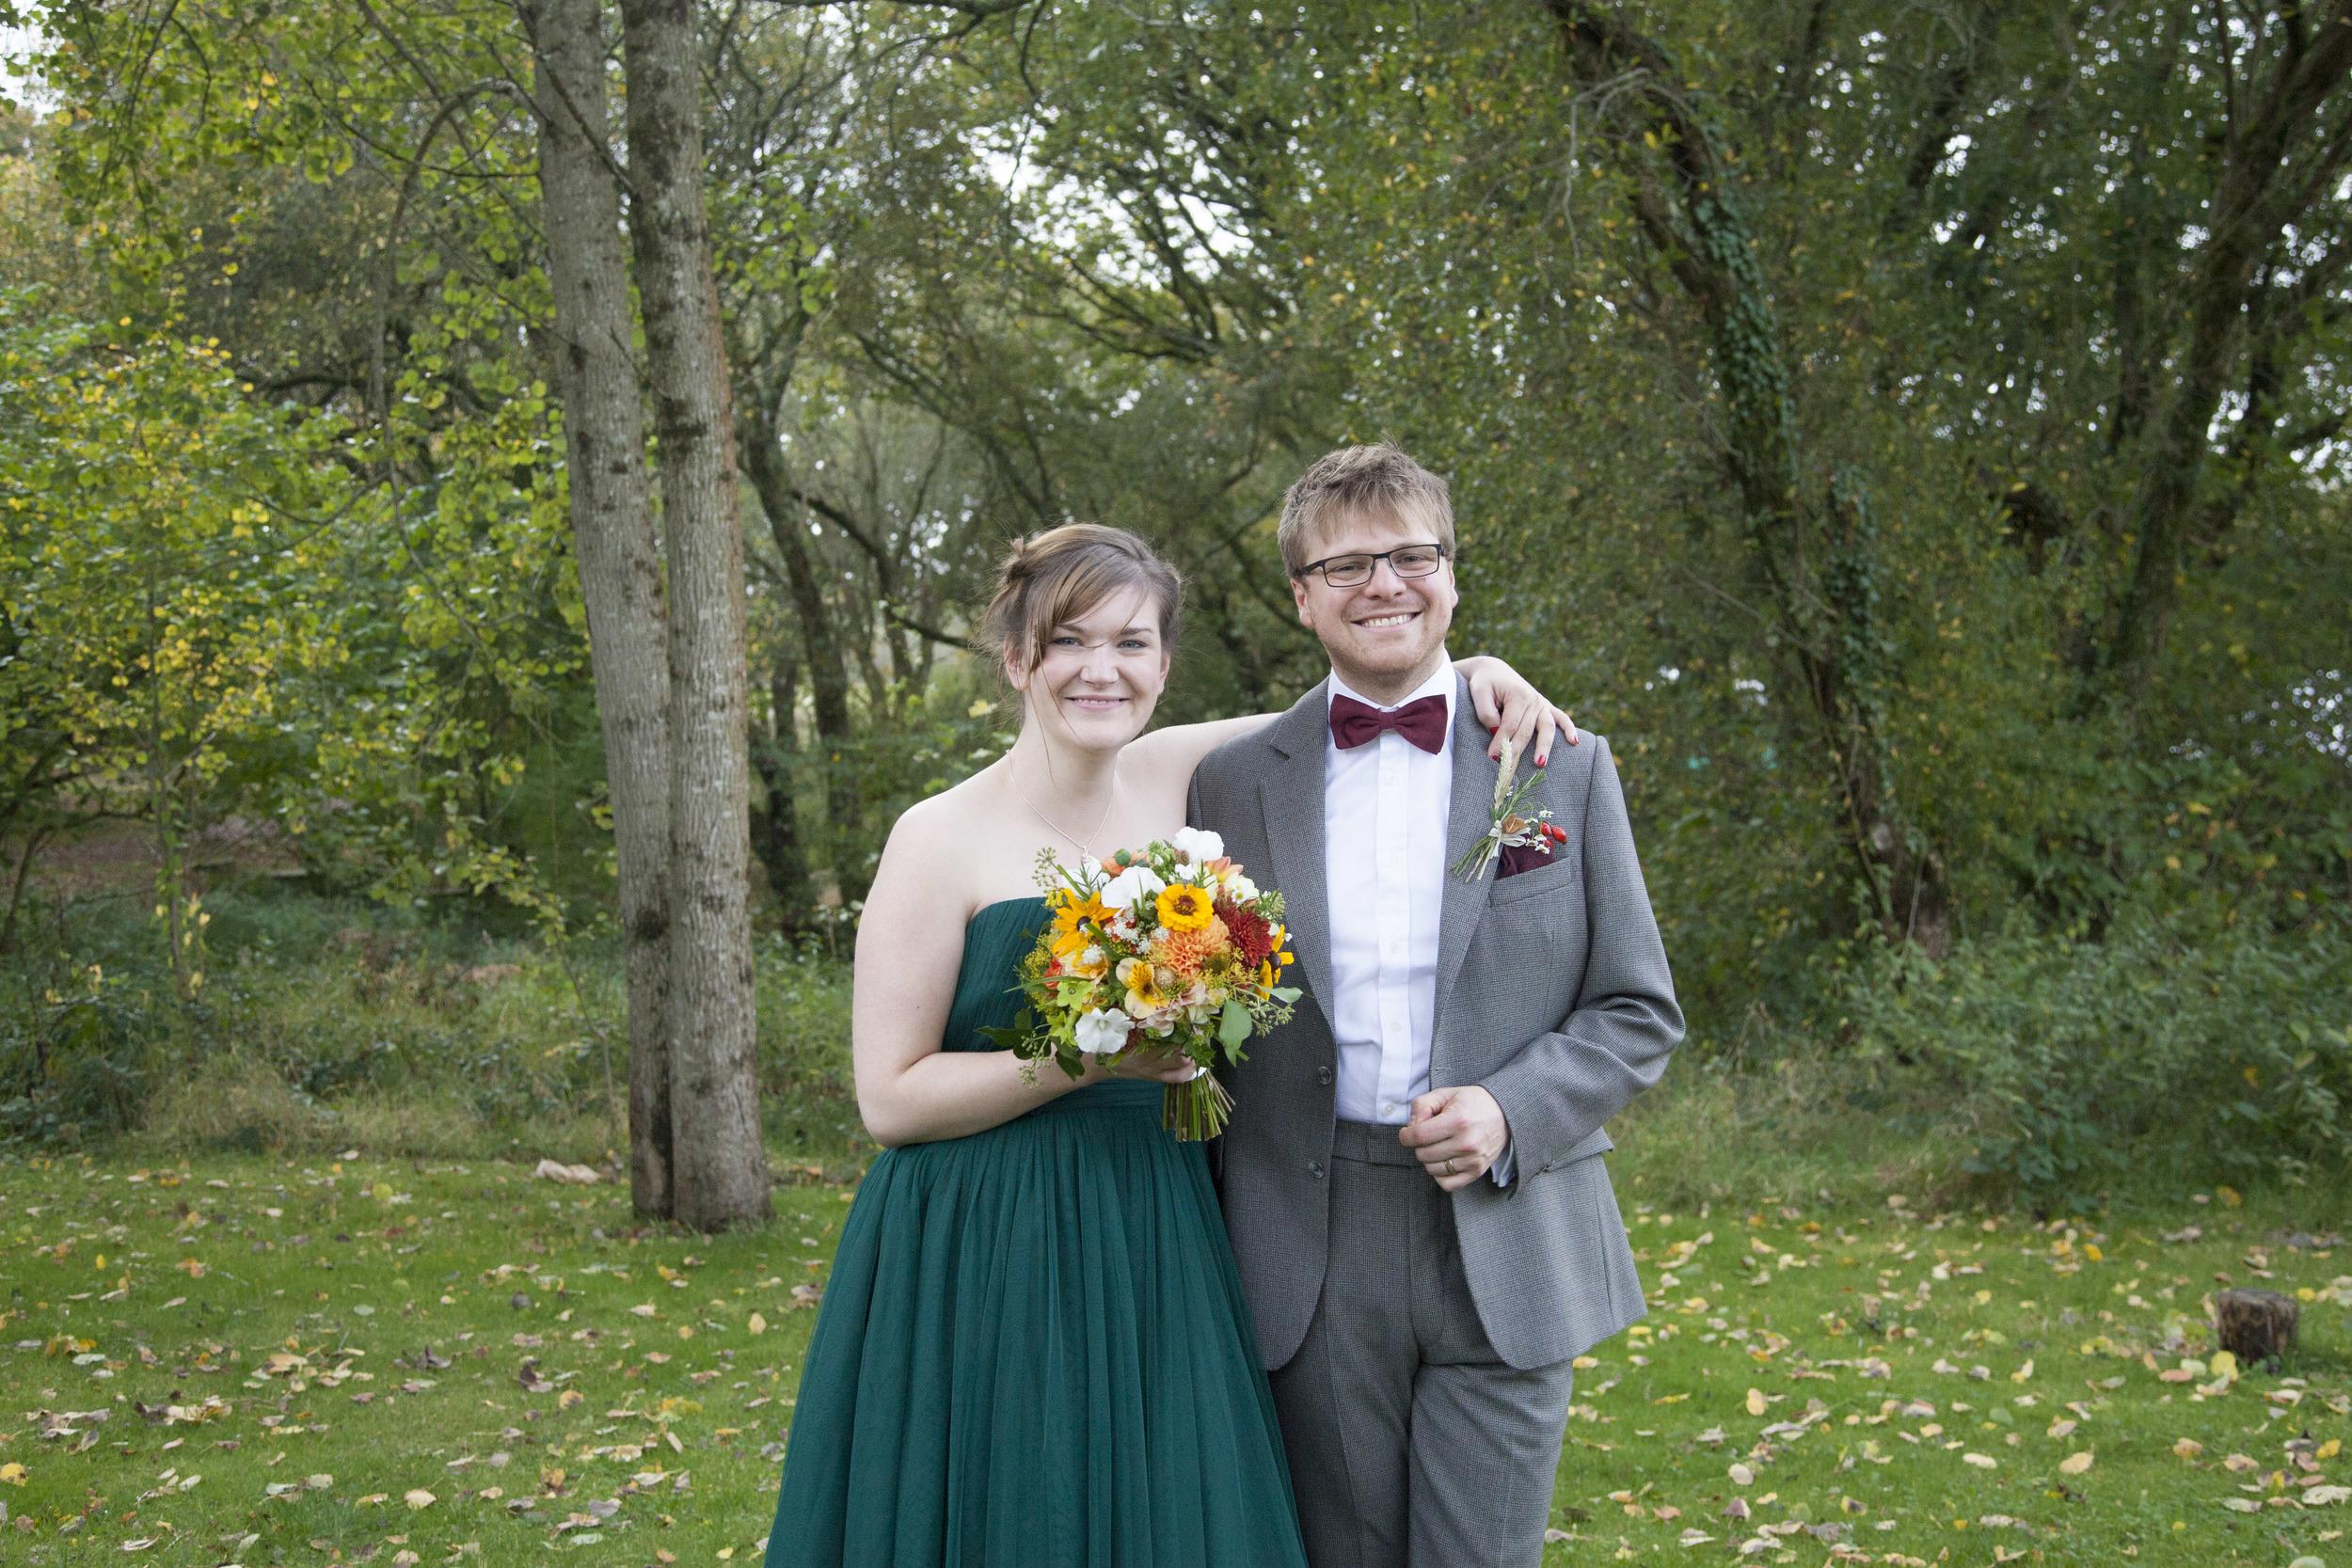 Wendy-Alexx-Fforest-Wedding-_203.jpg